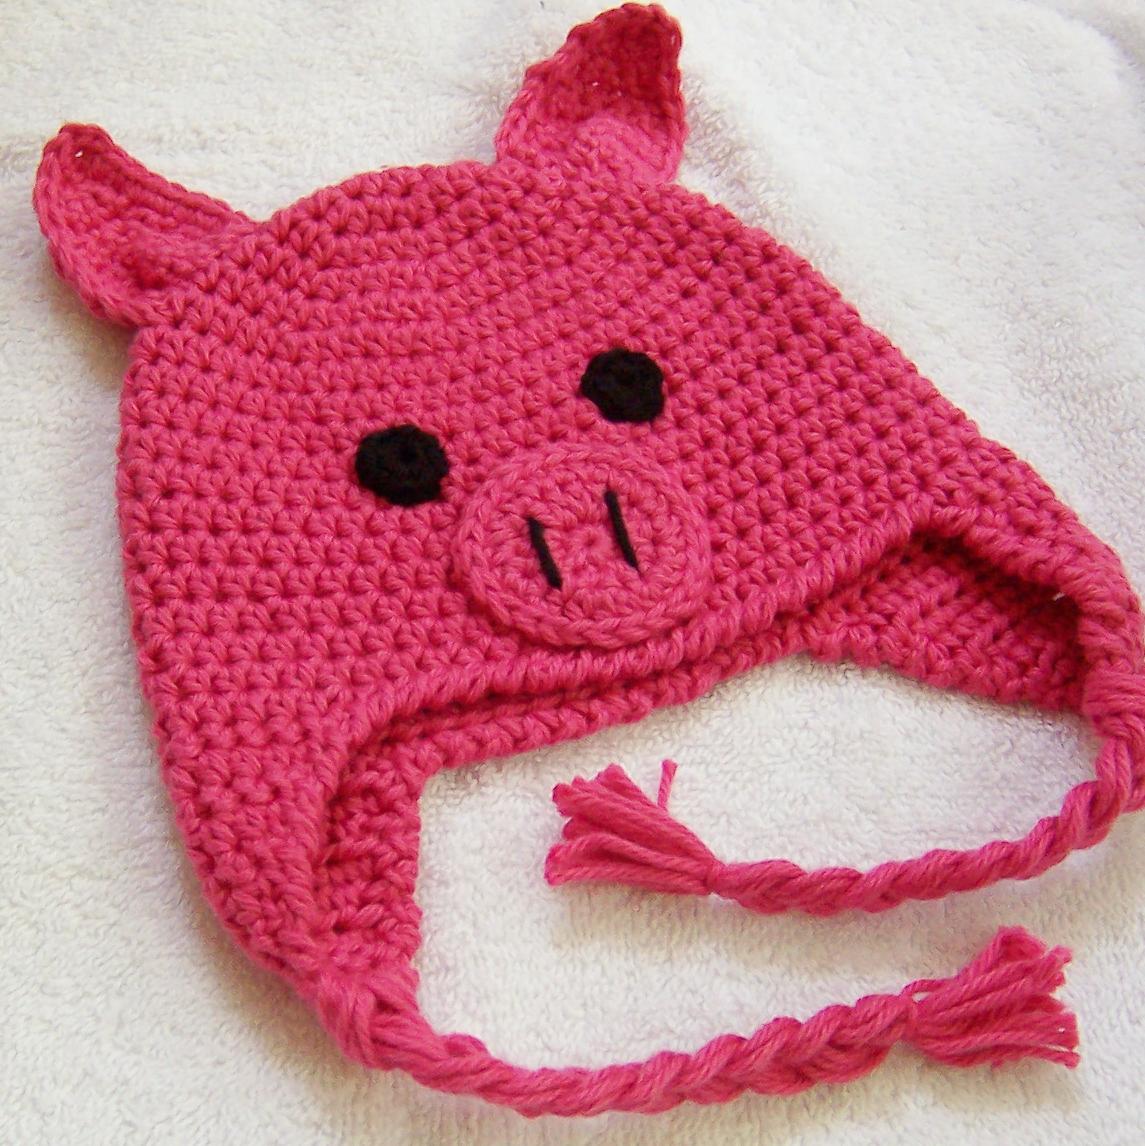 Crochet Pattern Pig Hat : Hat-Pig, Oink! Oink! Crochet By Darleen Hopkins